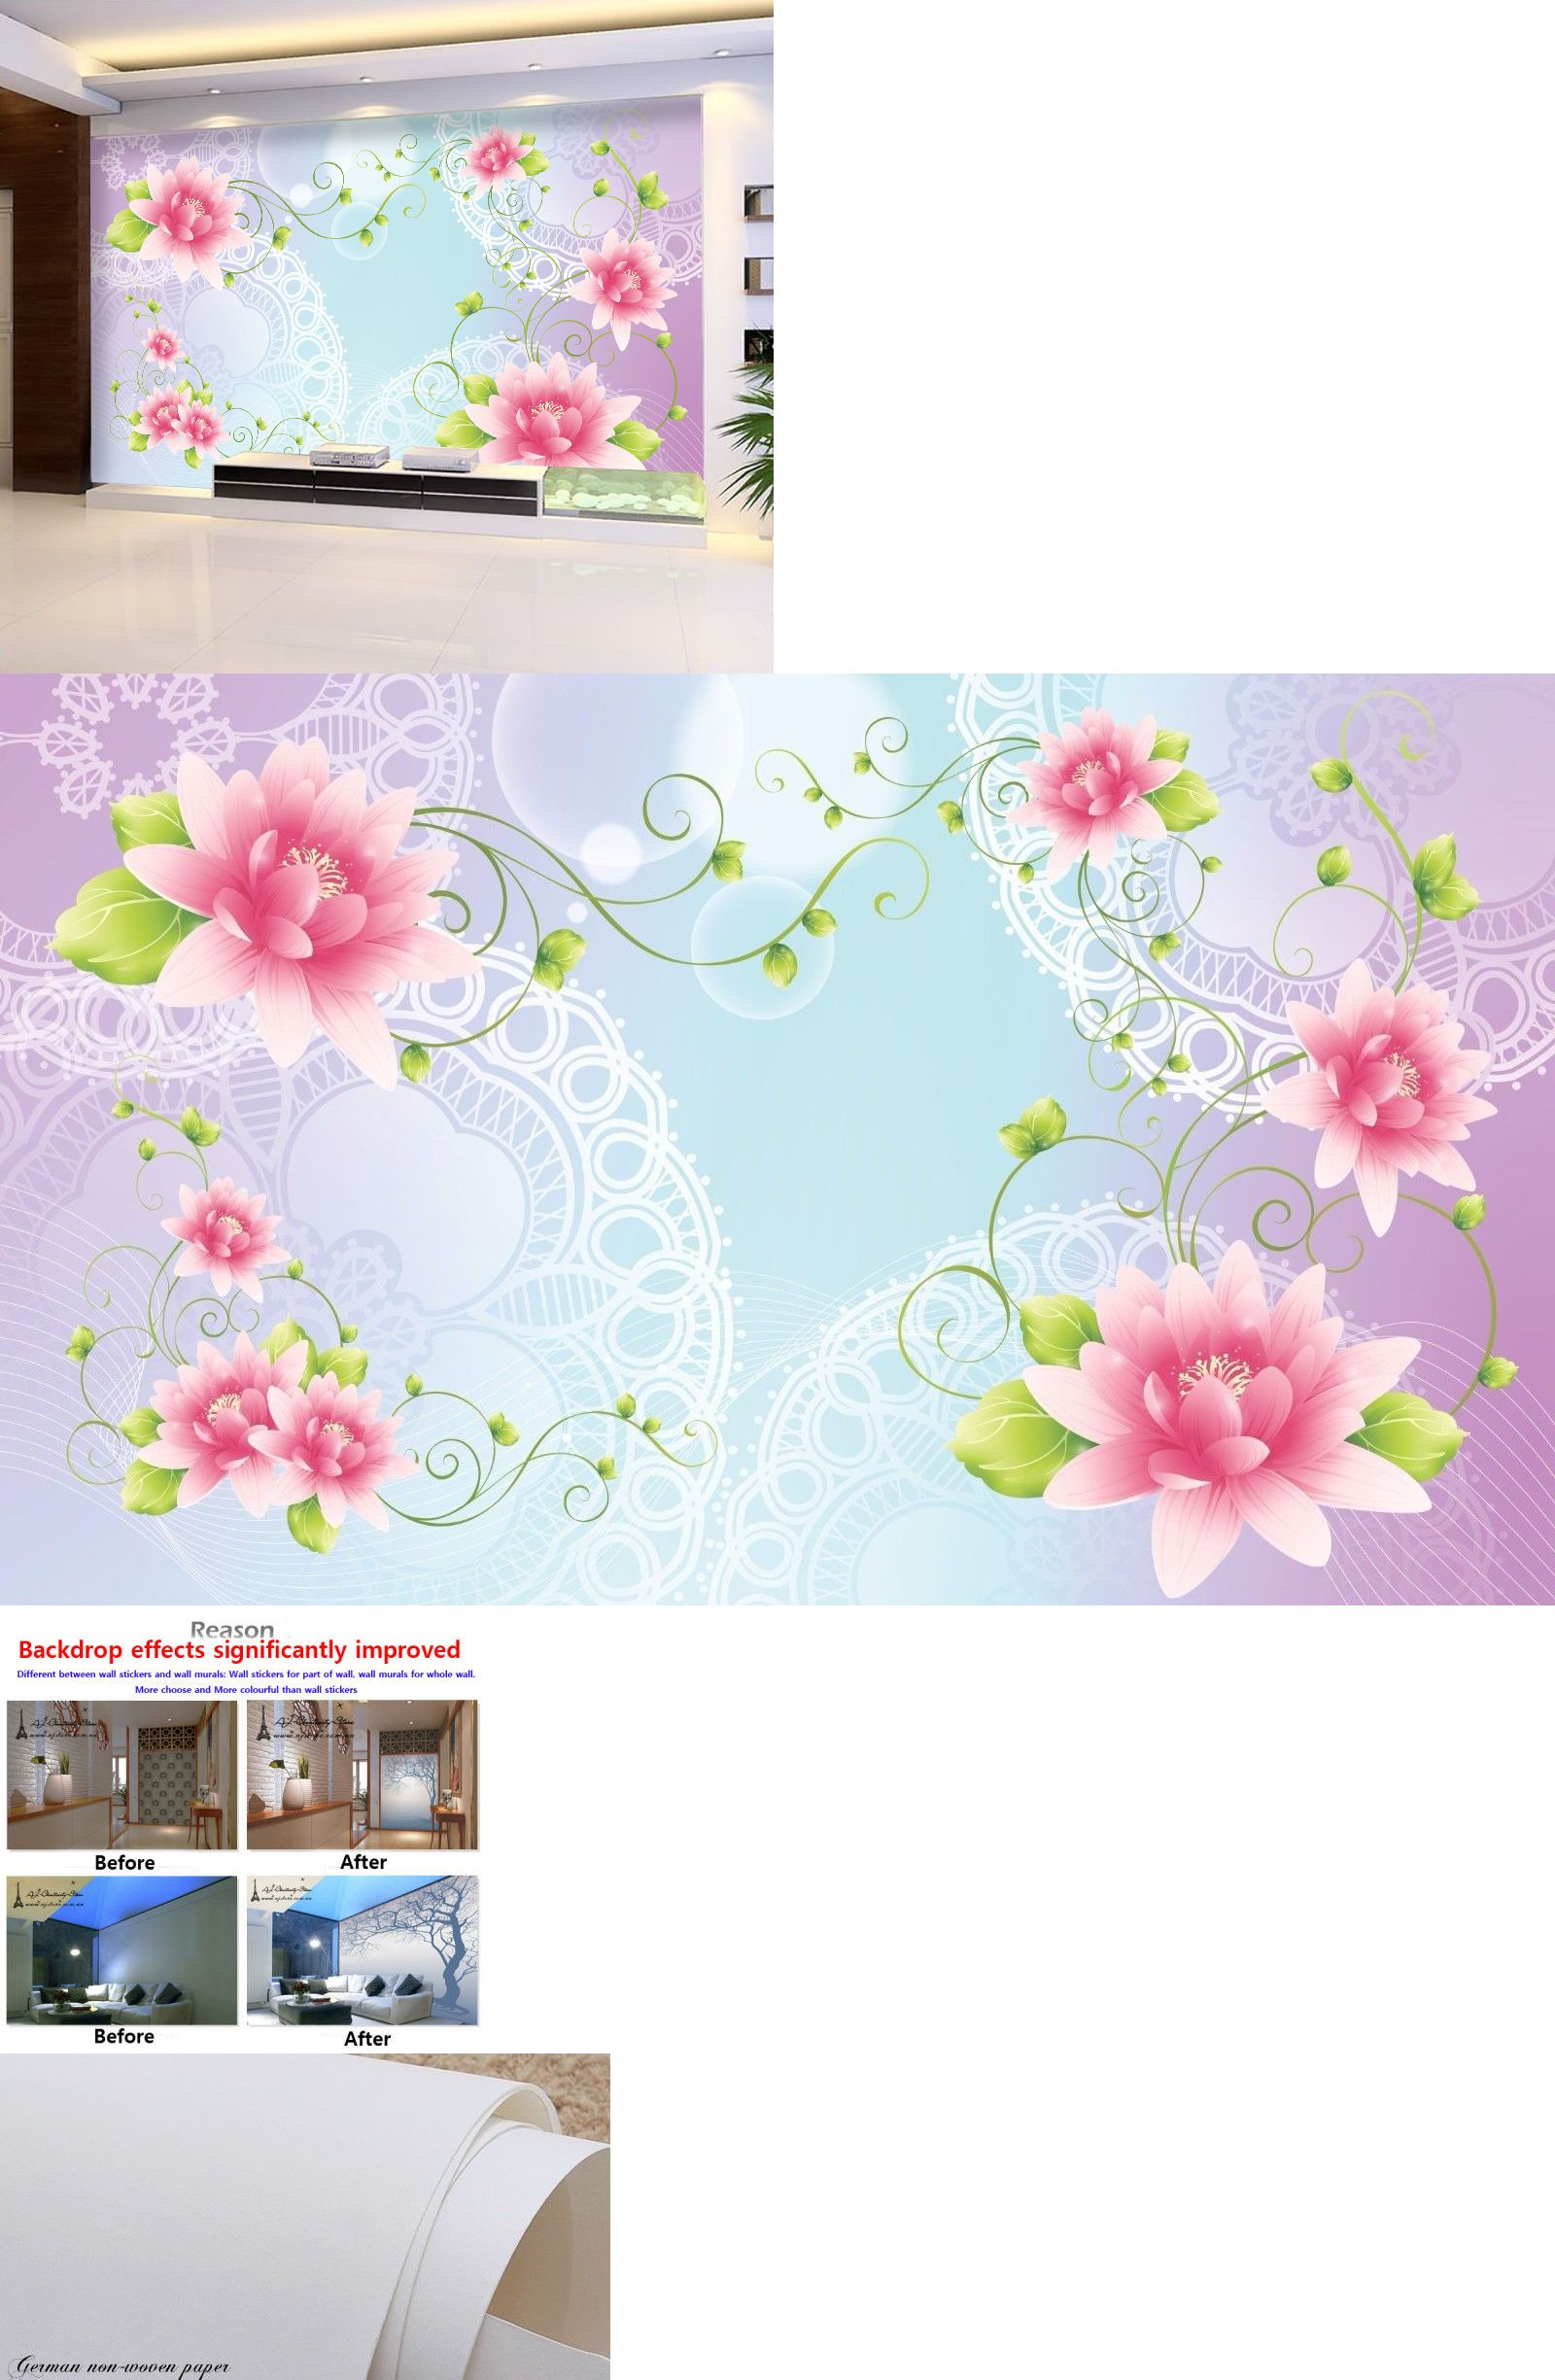 Other Wallpaper 3D Flower Patterns 577 Wall Murals Wallpaper